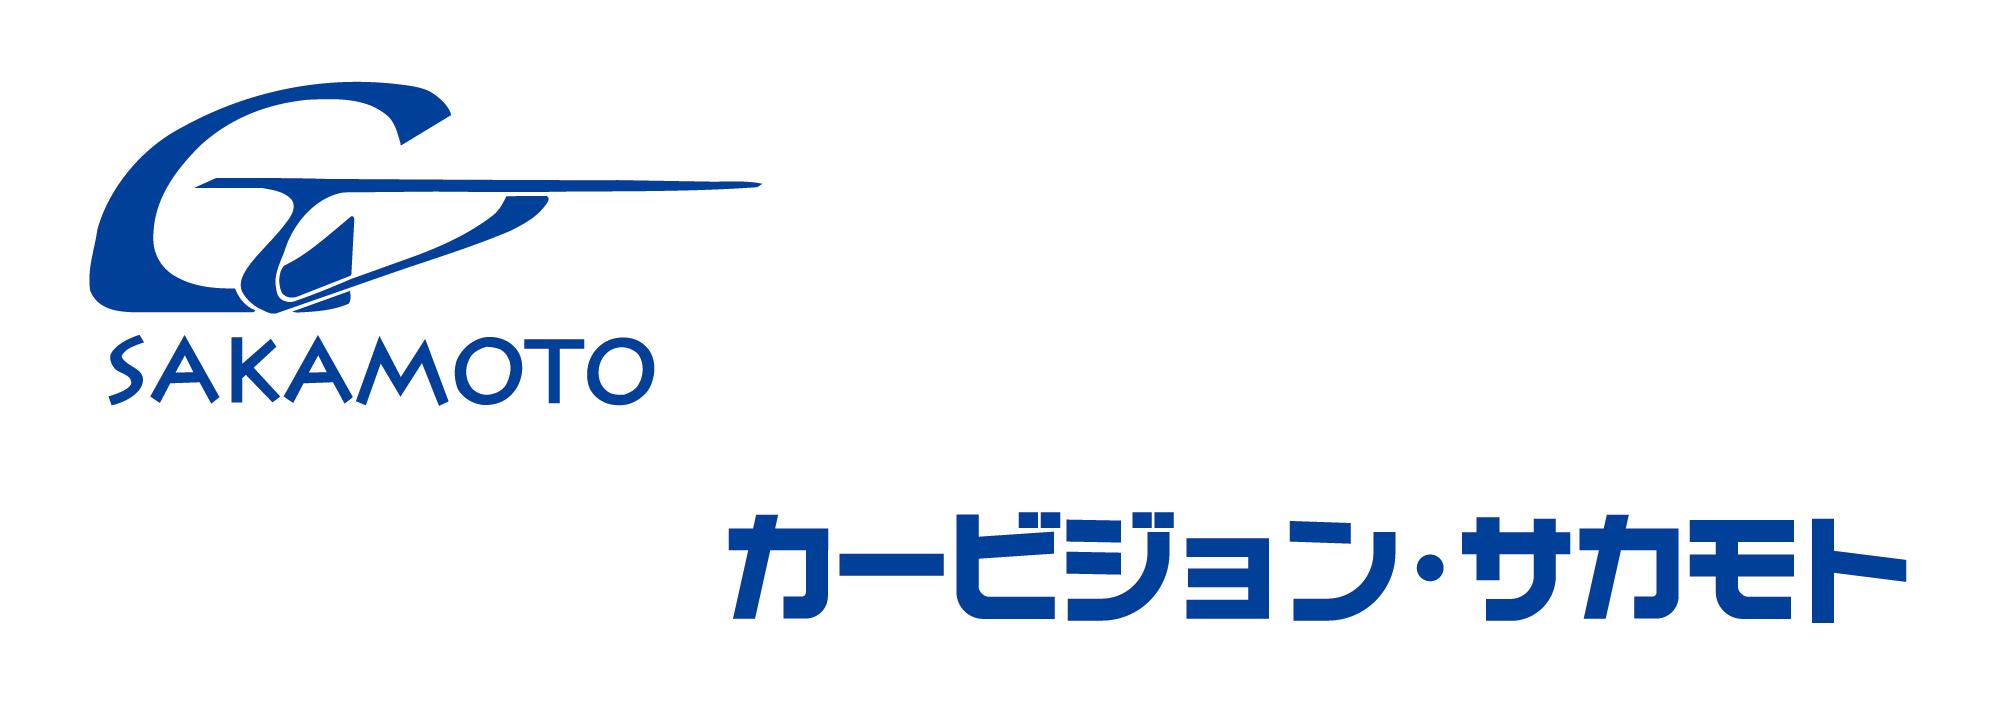 カービジョン・サカモト